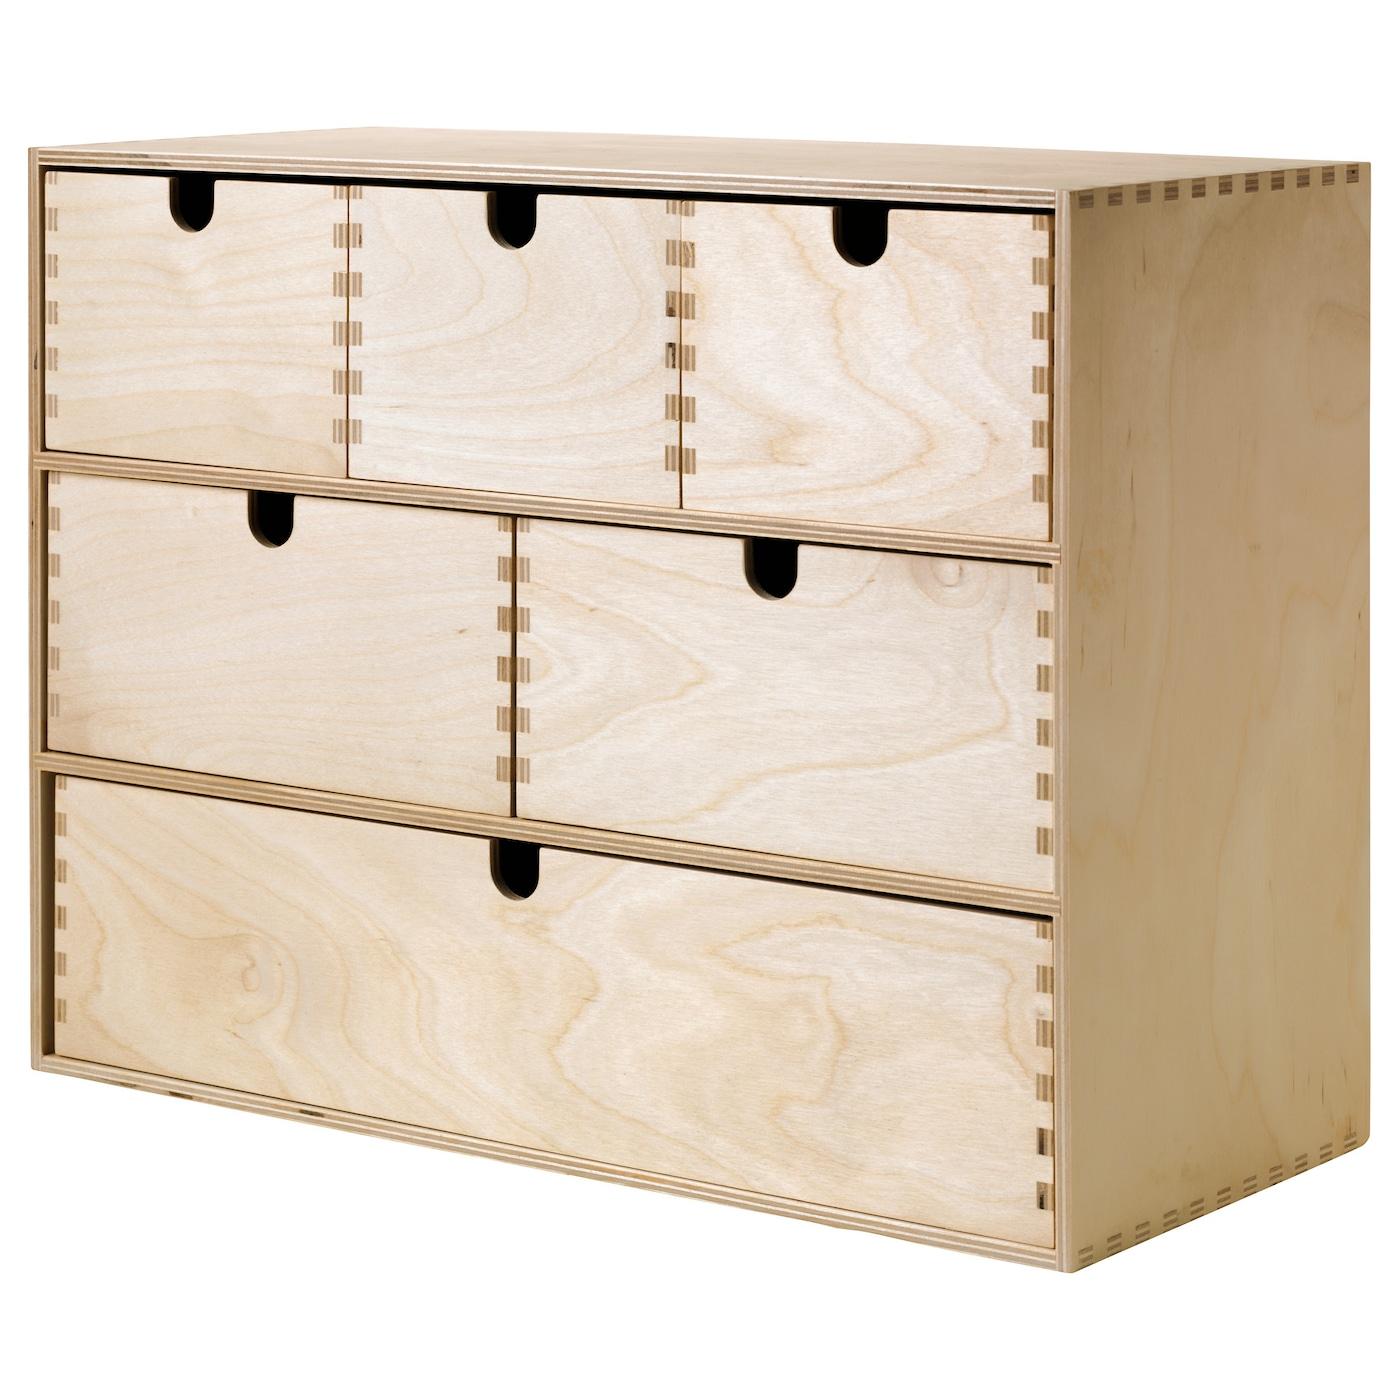 Boites De Rangement Ikea destiné moppe mini-commode contreplaqué de bouleau 42x18x32 cm - ikea